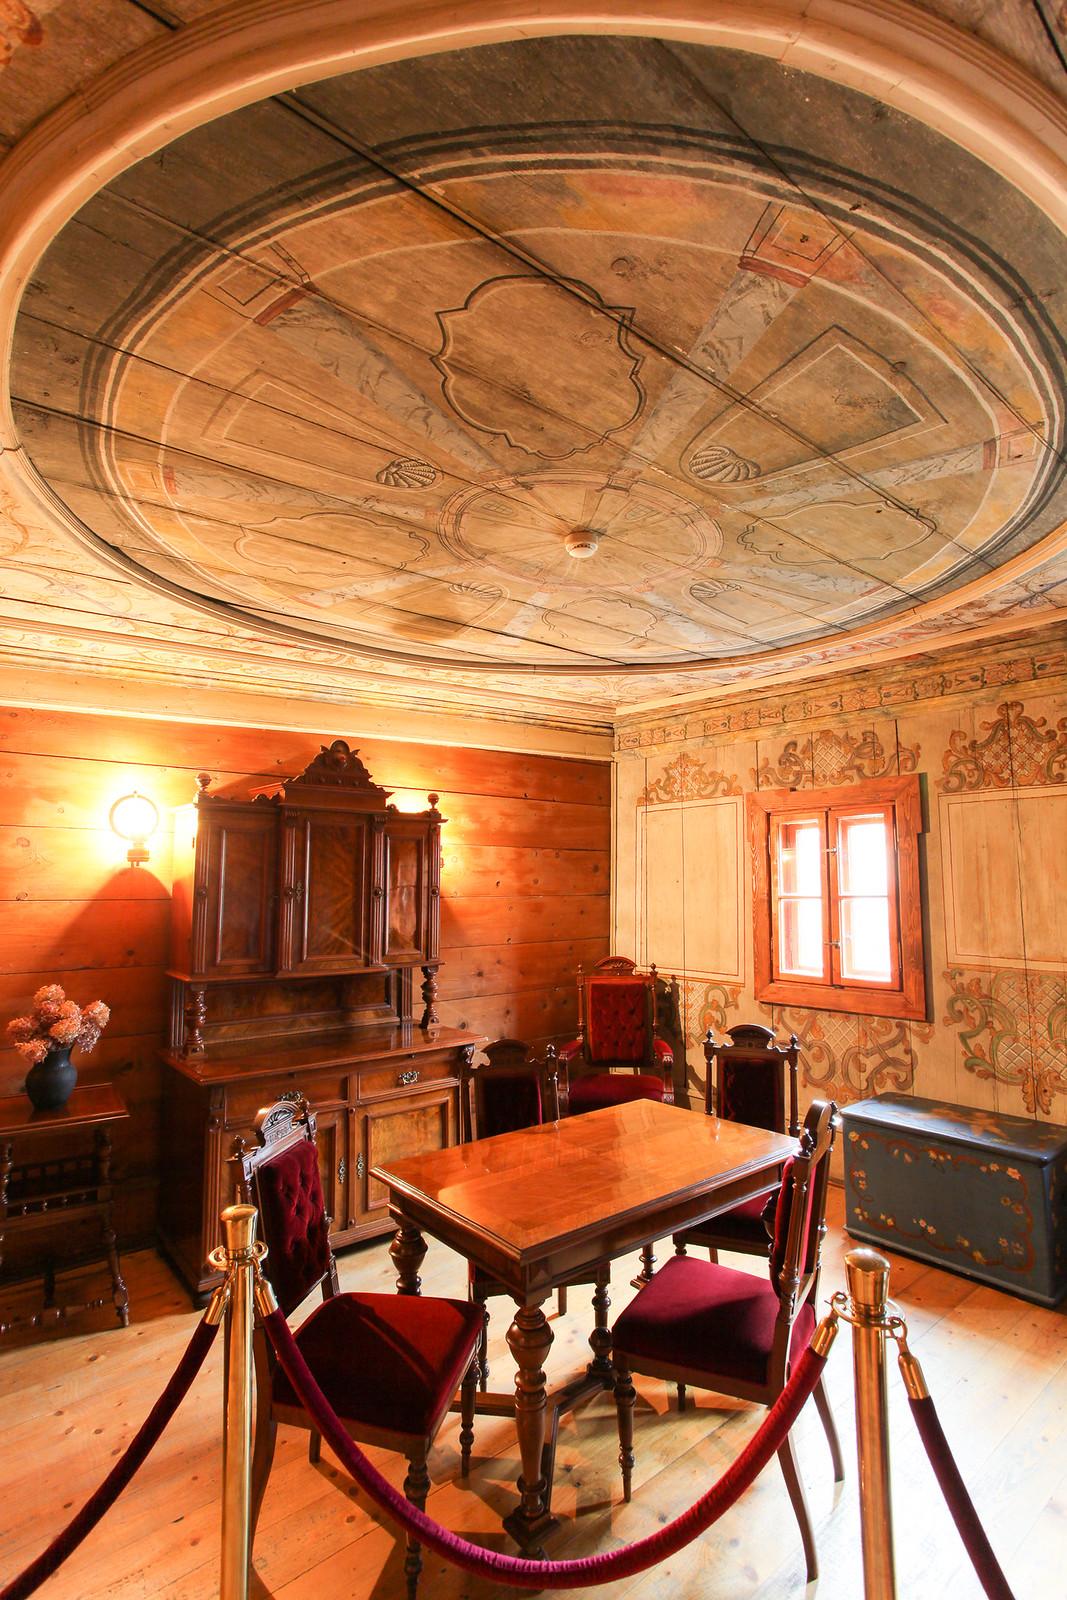 Museum of Papermaking in Duszniki Zdrój, Poland / Muzeum Papiernictwa w Dusznikach Zdroju